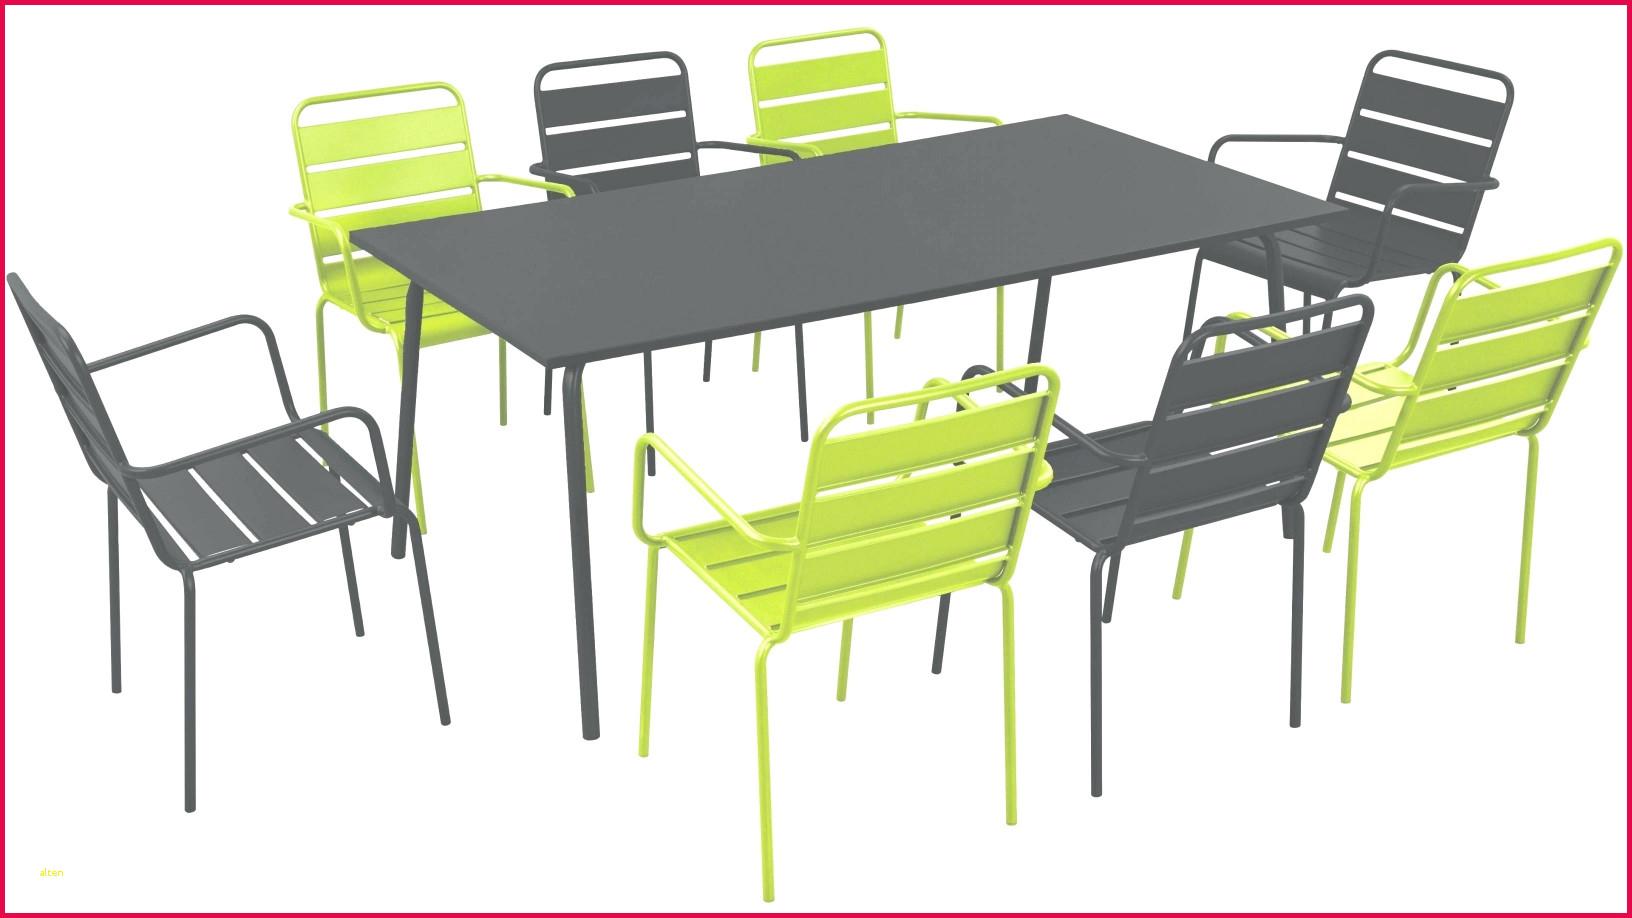 Tonnelle Pliable Gifi Luxe Photographie 20 Fantastique Table De Jardin Gifi Design